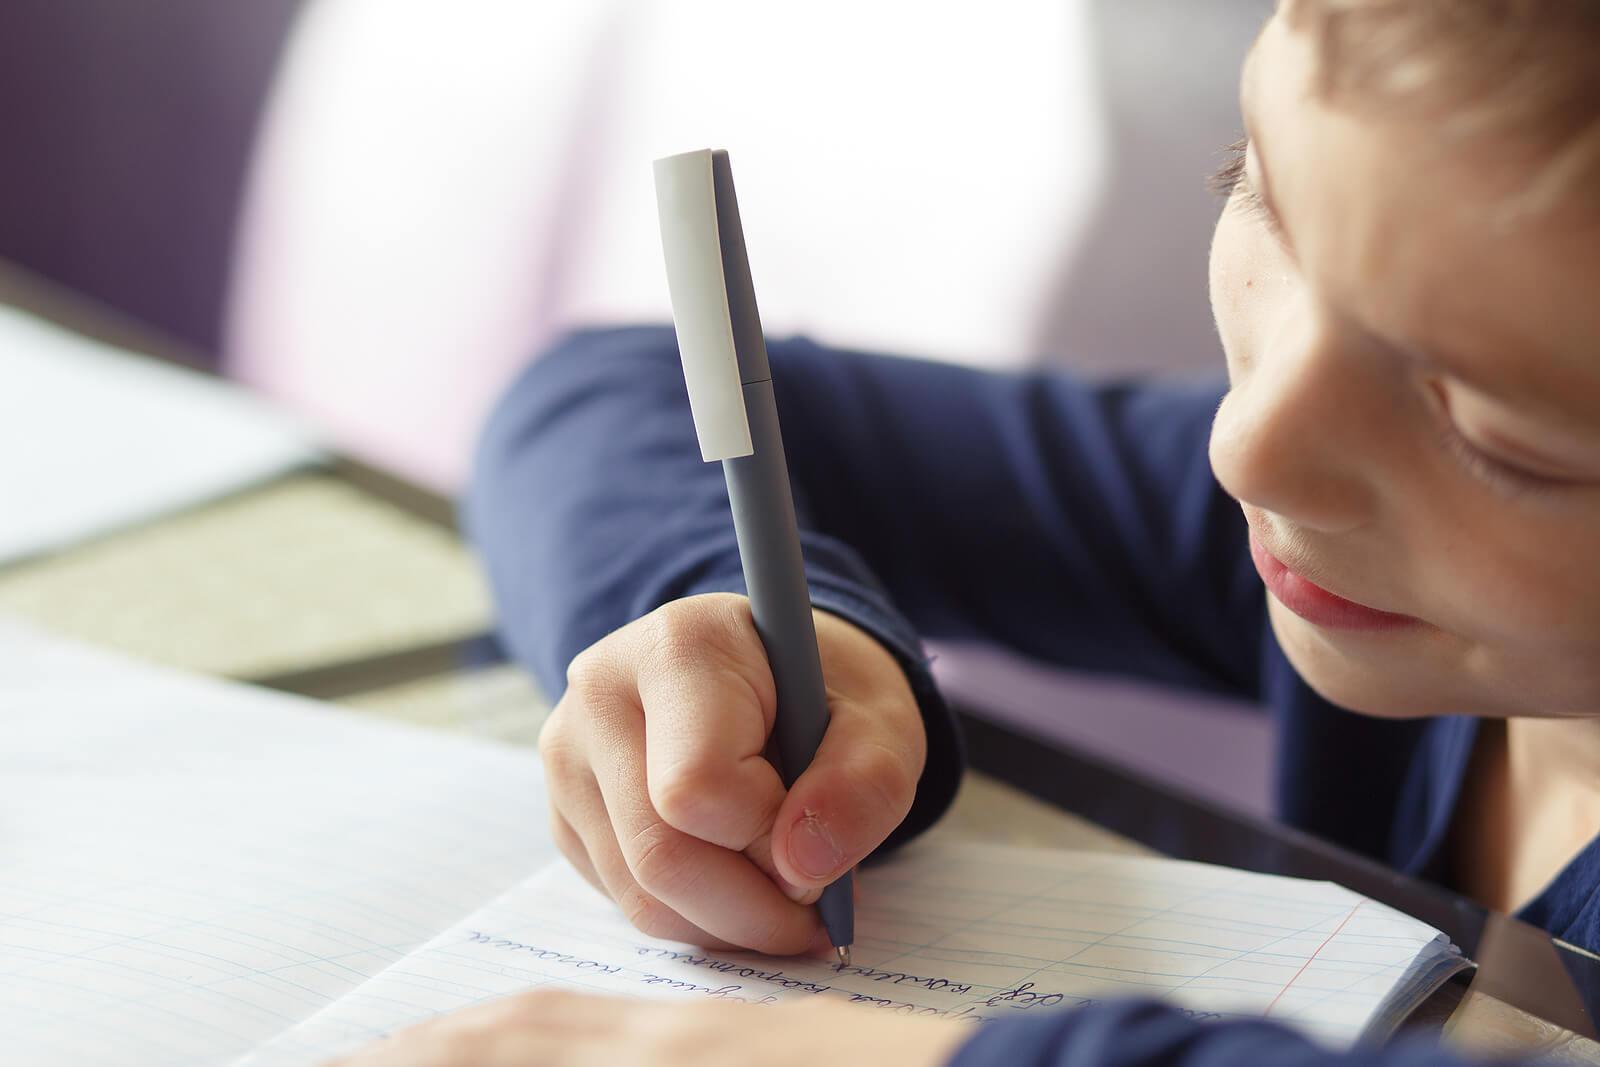 Niño usando la técnica de las superpalabras para aprender ortografía.